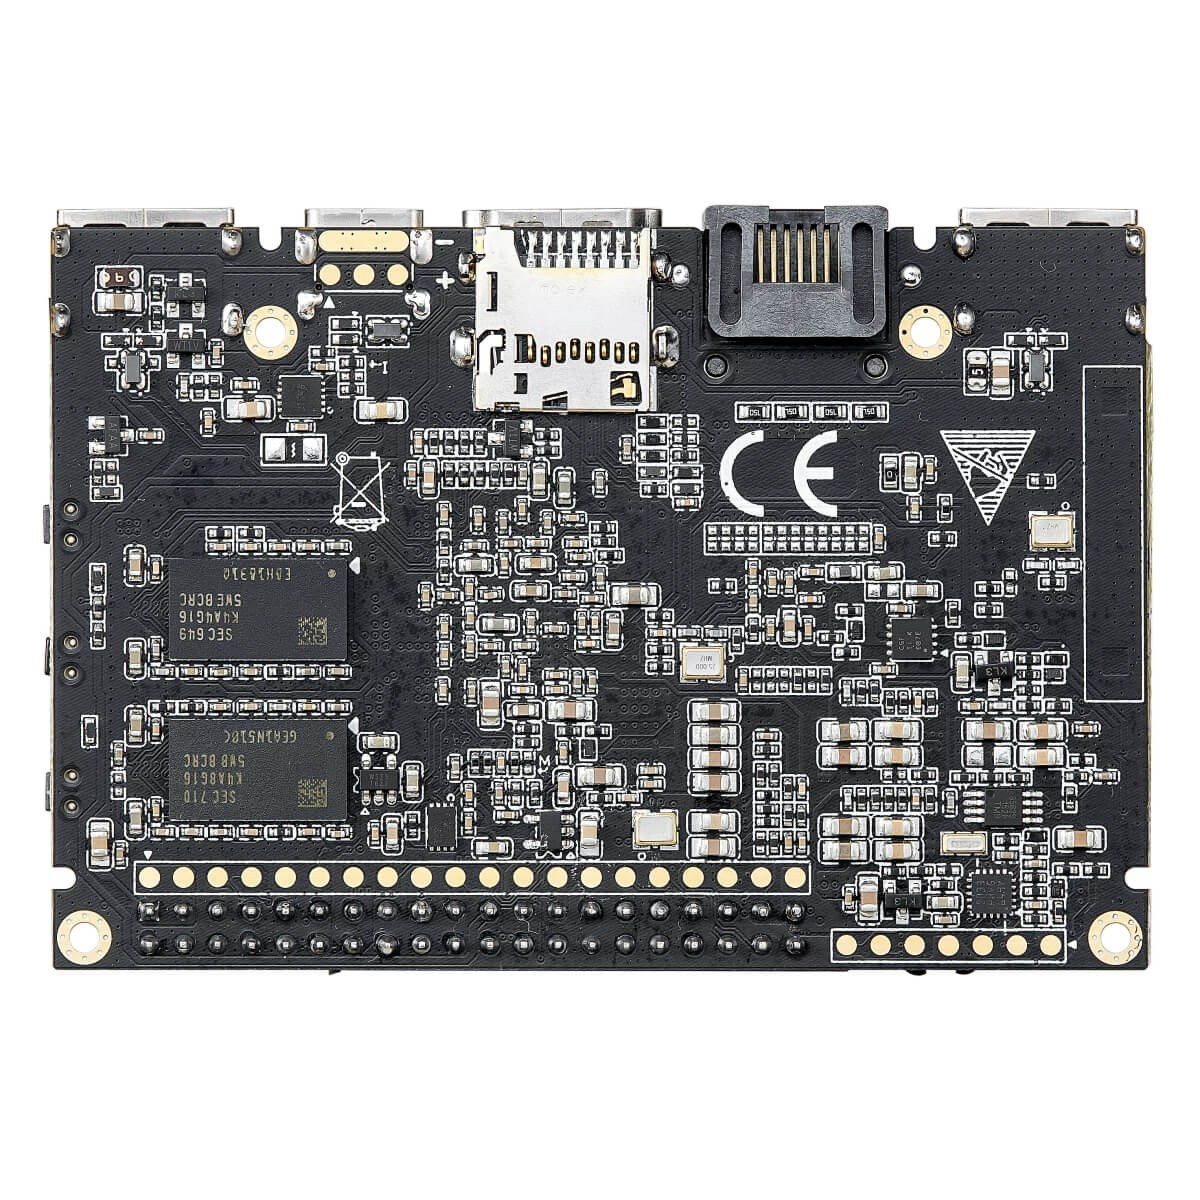 KHADAS VIM2 PRO 1.4 SBC Amlogic 1.5 GHz 64Bit Octa Core 3GB DDR4 2xUSB